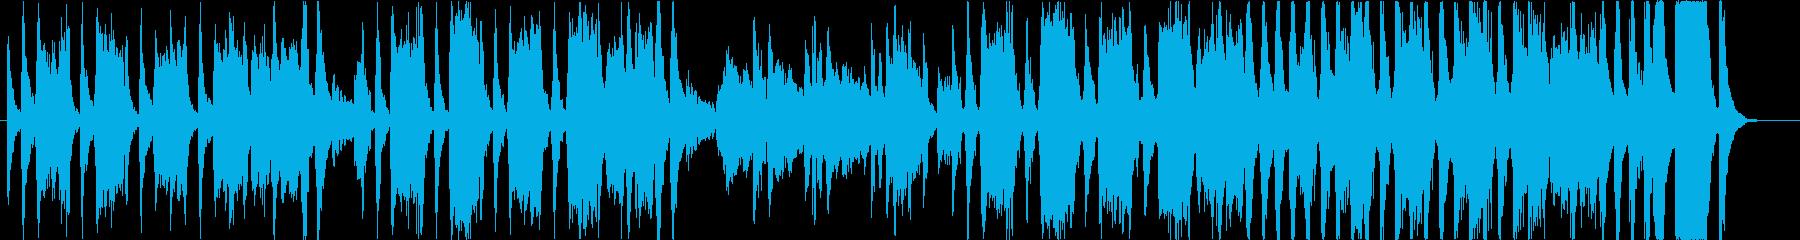 なんだか怪しいコミカルファゴットの再生済みの波形